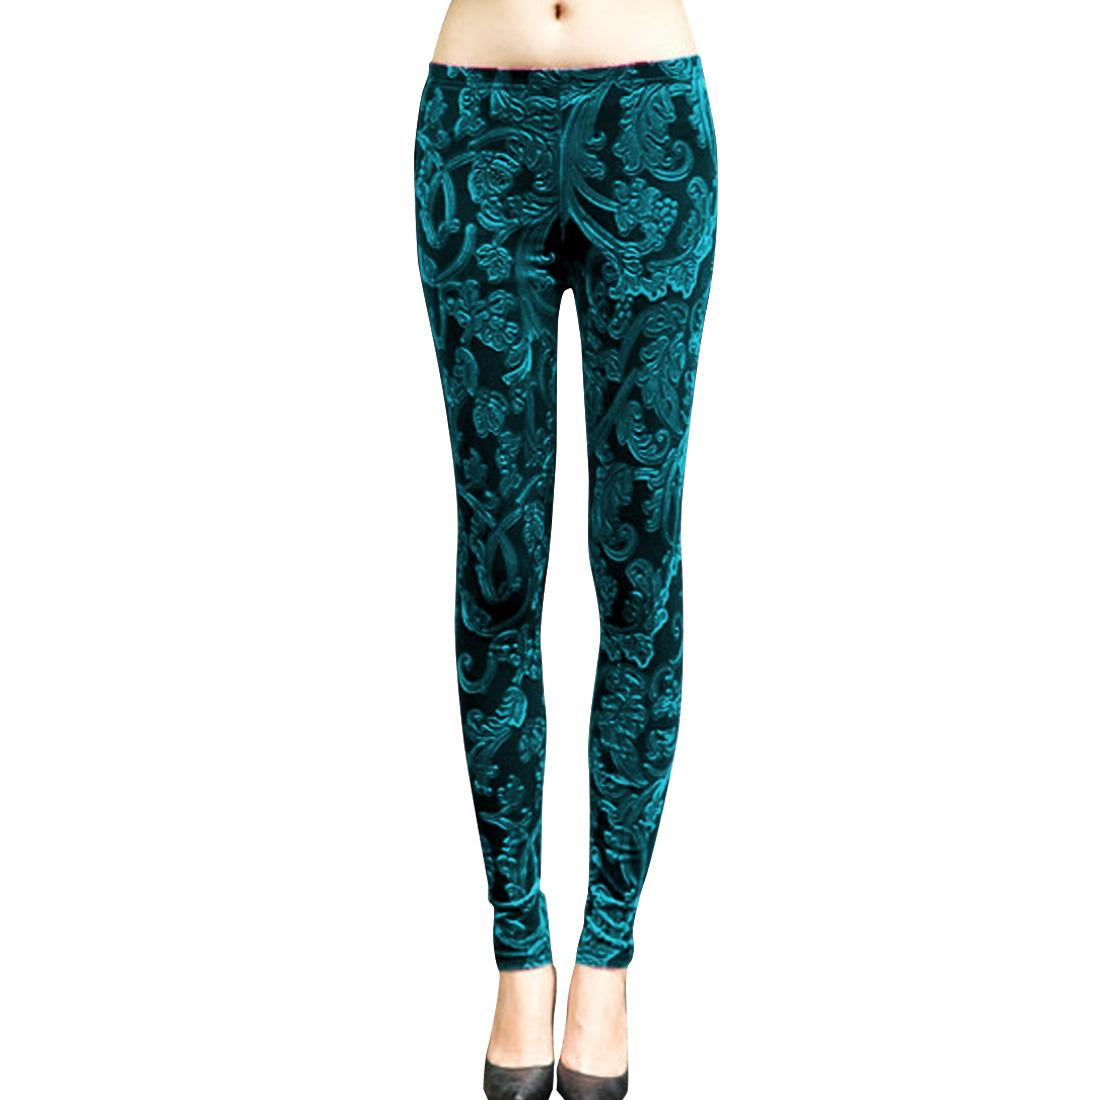 Woman Chic Pure Teal Color Flower Design Velvet Leggings XS